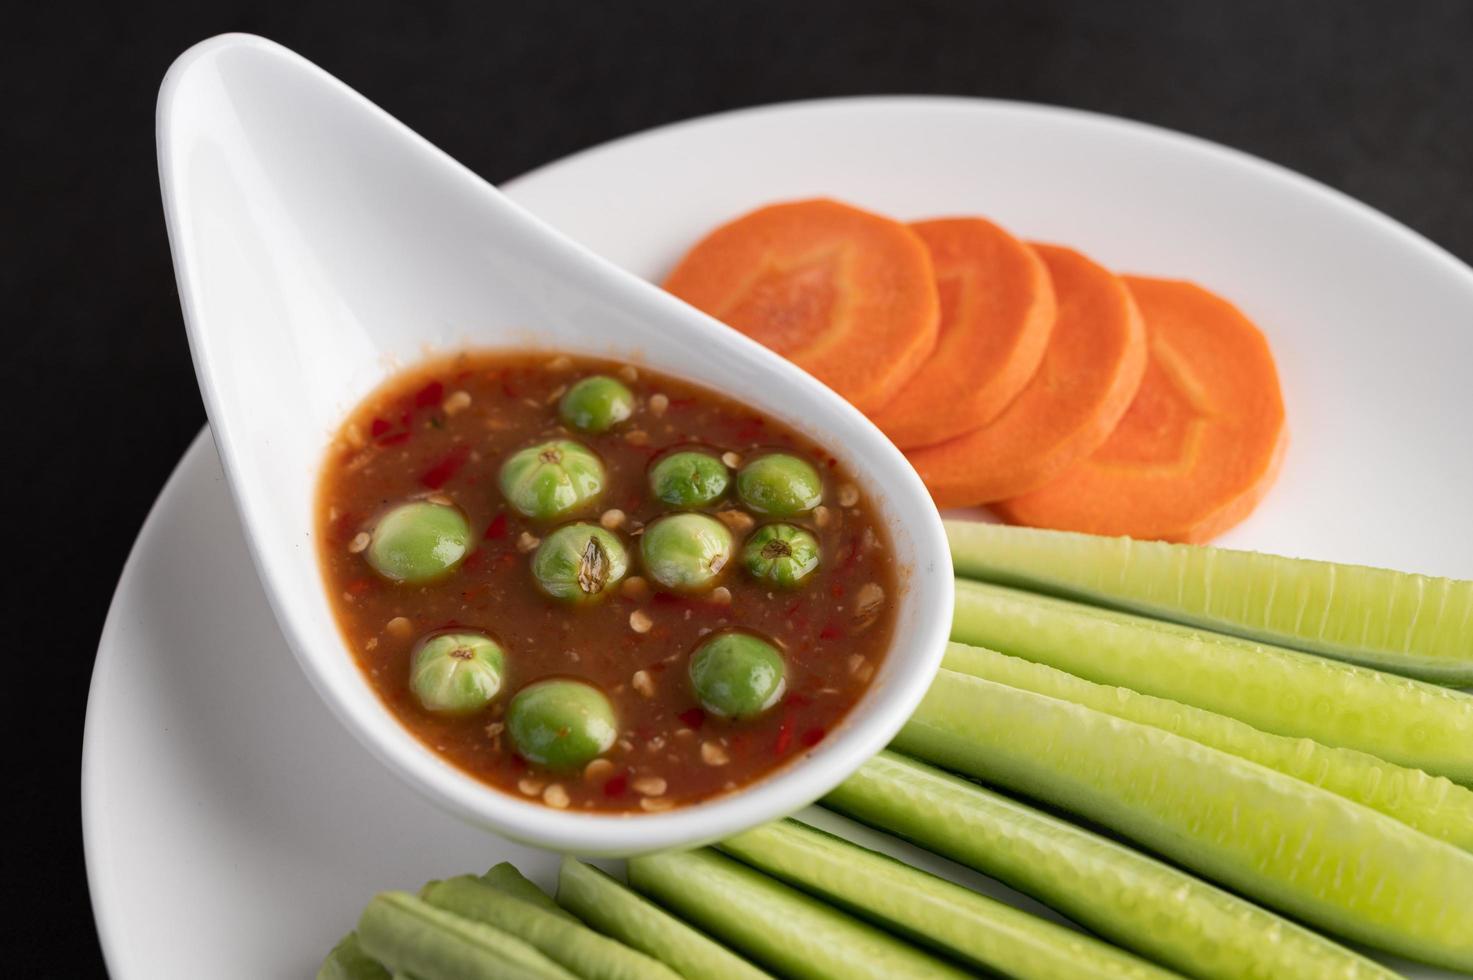 salsa di pasta di gamberetti in una ciotola con cetriolo, fagioli lunghi e carote foto